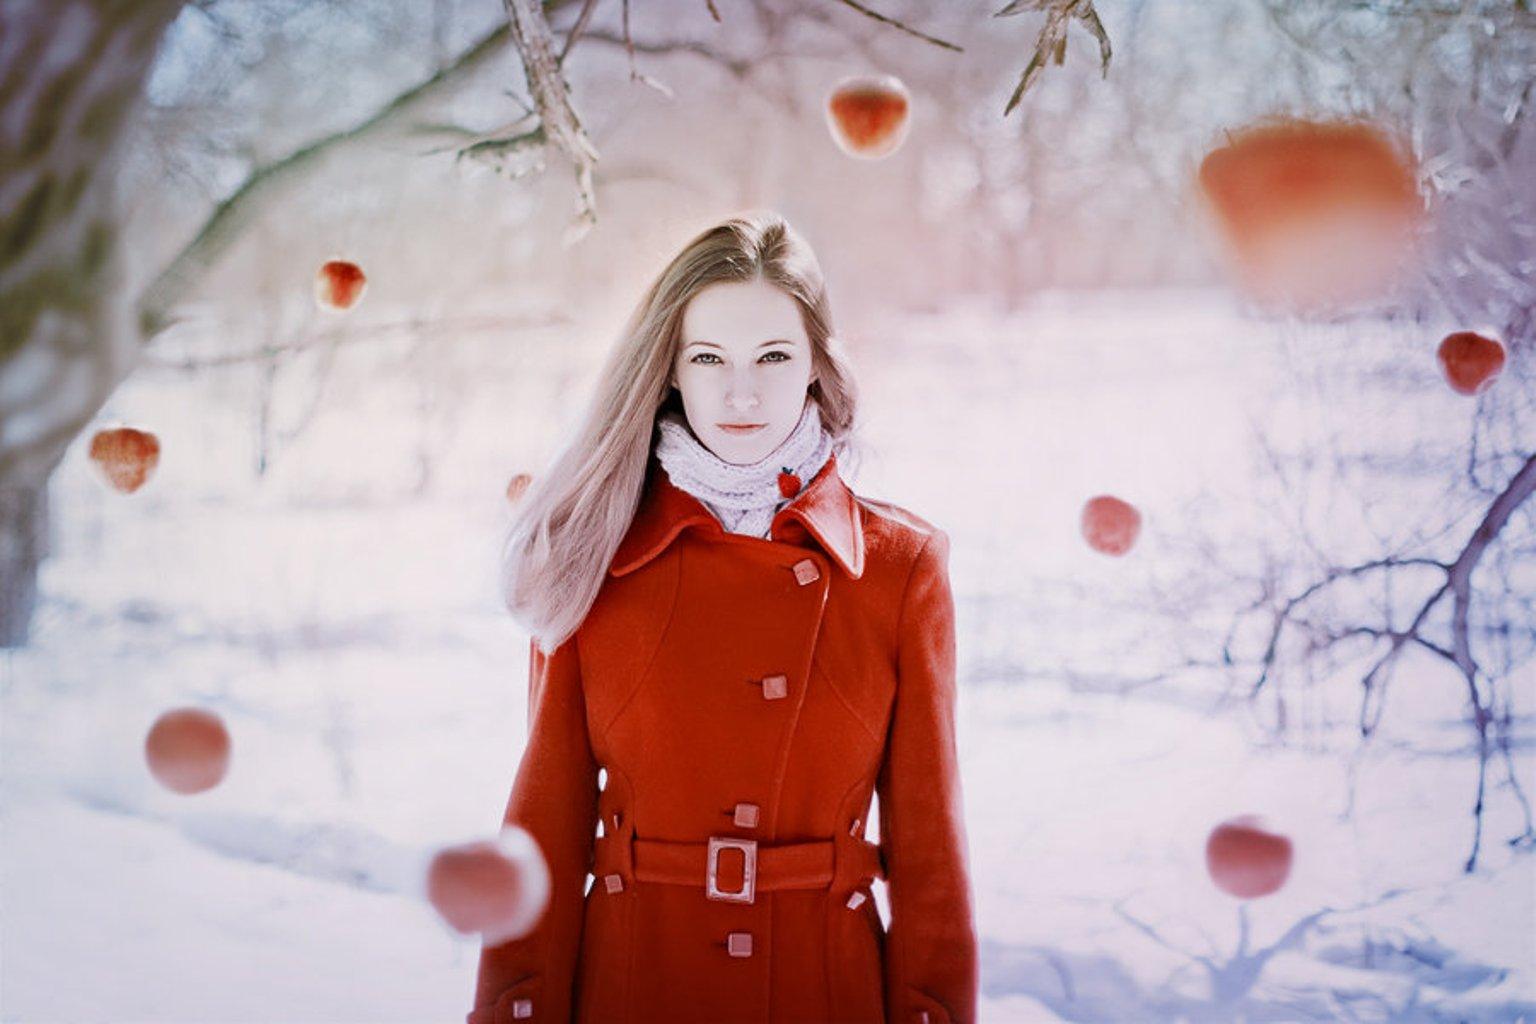 традиционное блюдо идеи для фотографий в зимнем лесу романову другим